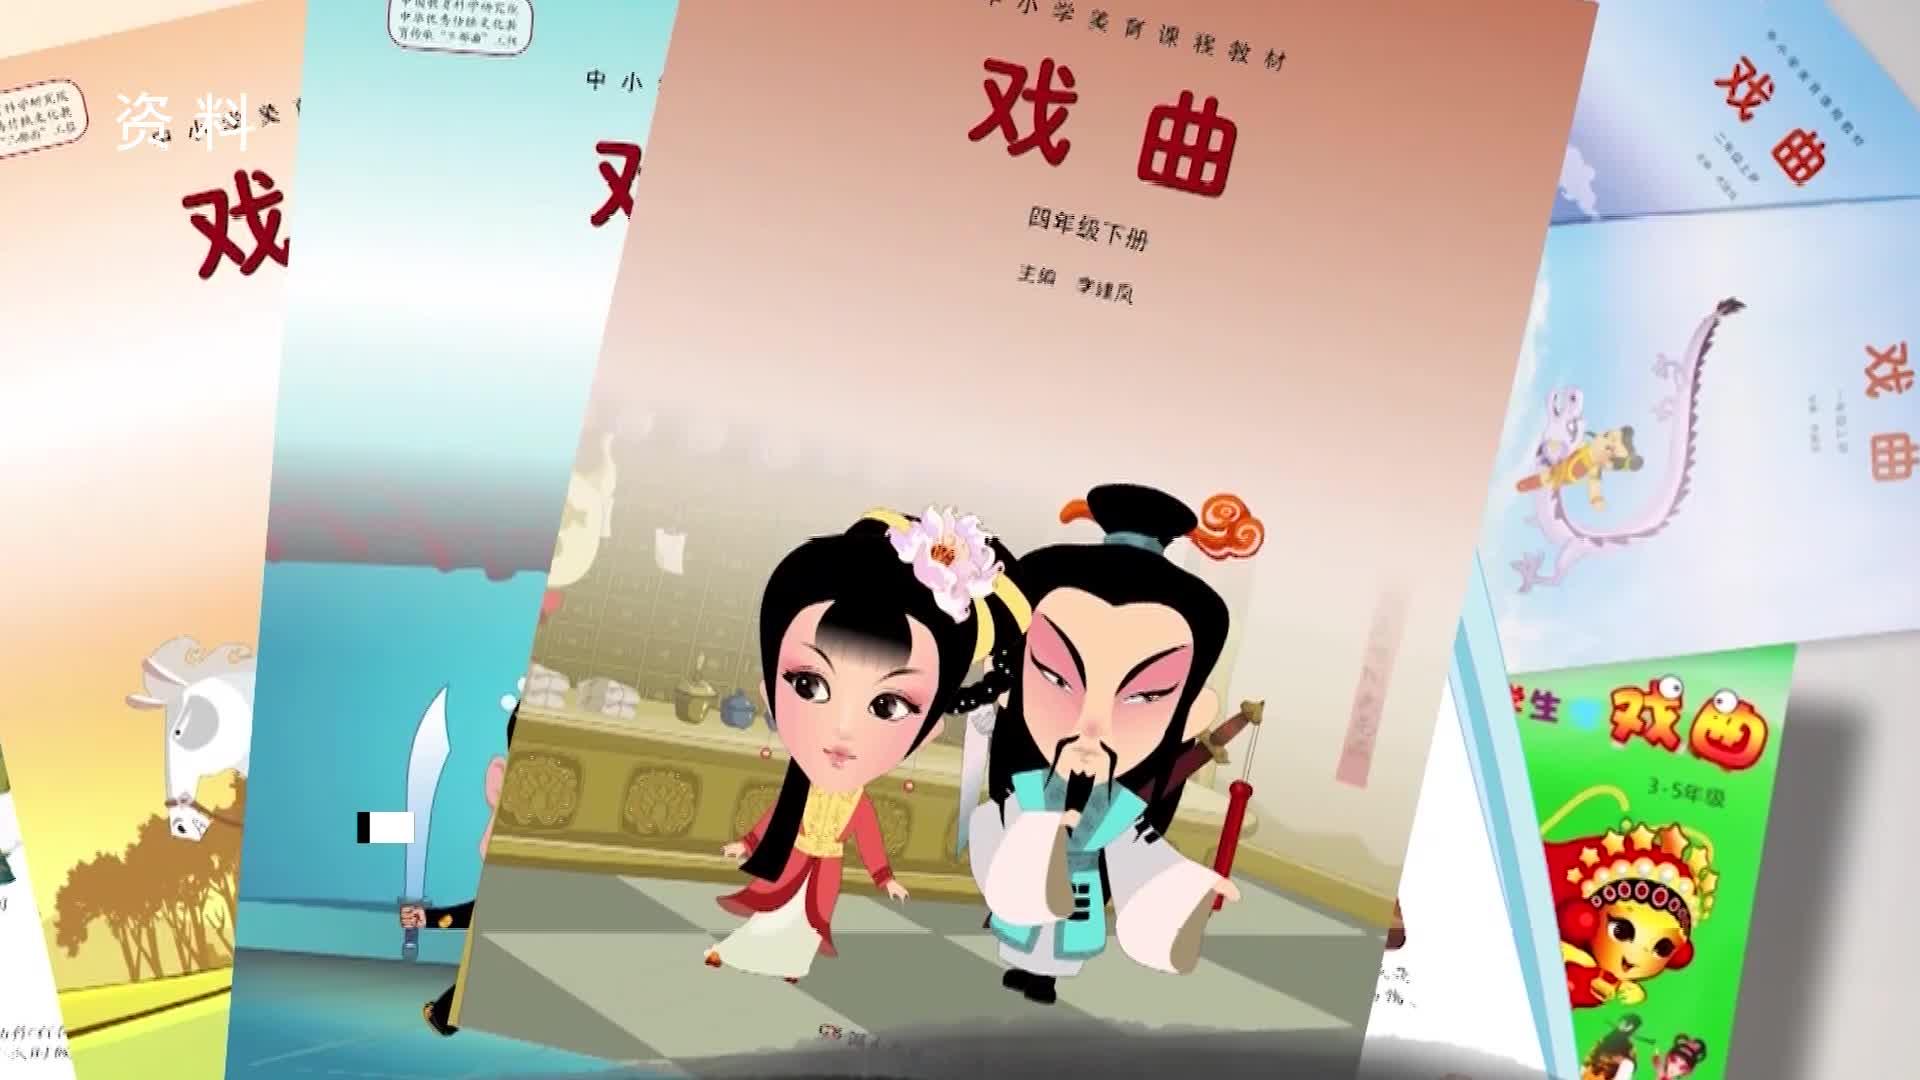 动漫迷的节日!2018第四届湖湘动漫月将于7月13日长沙启动